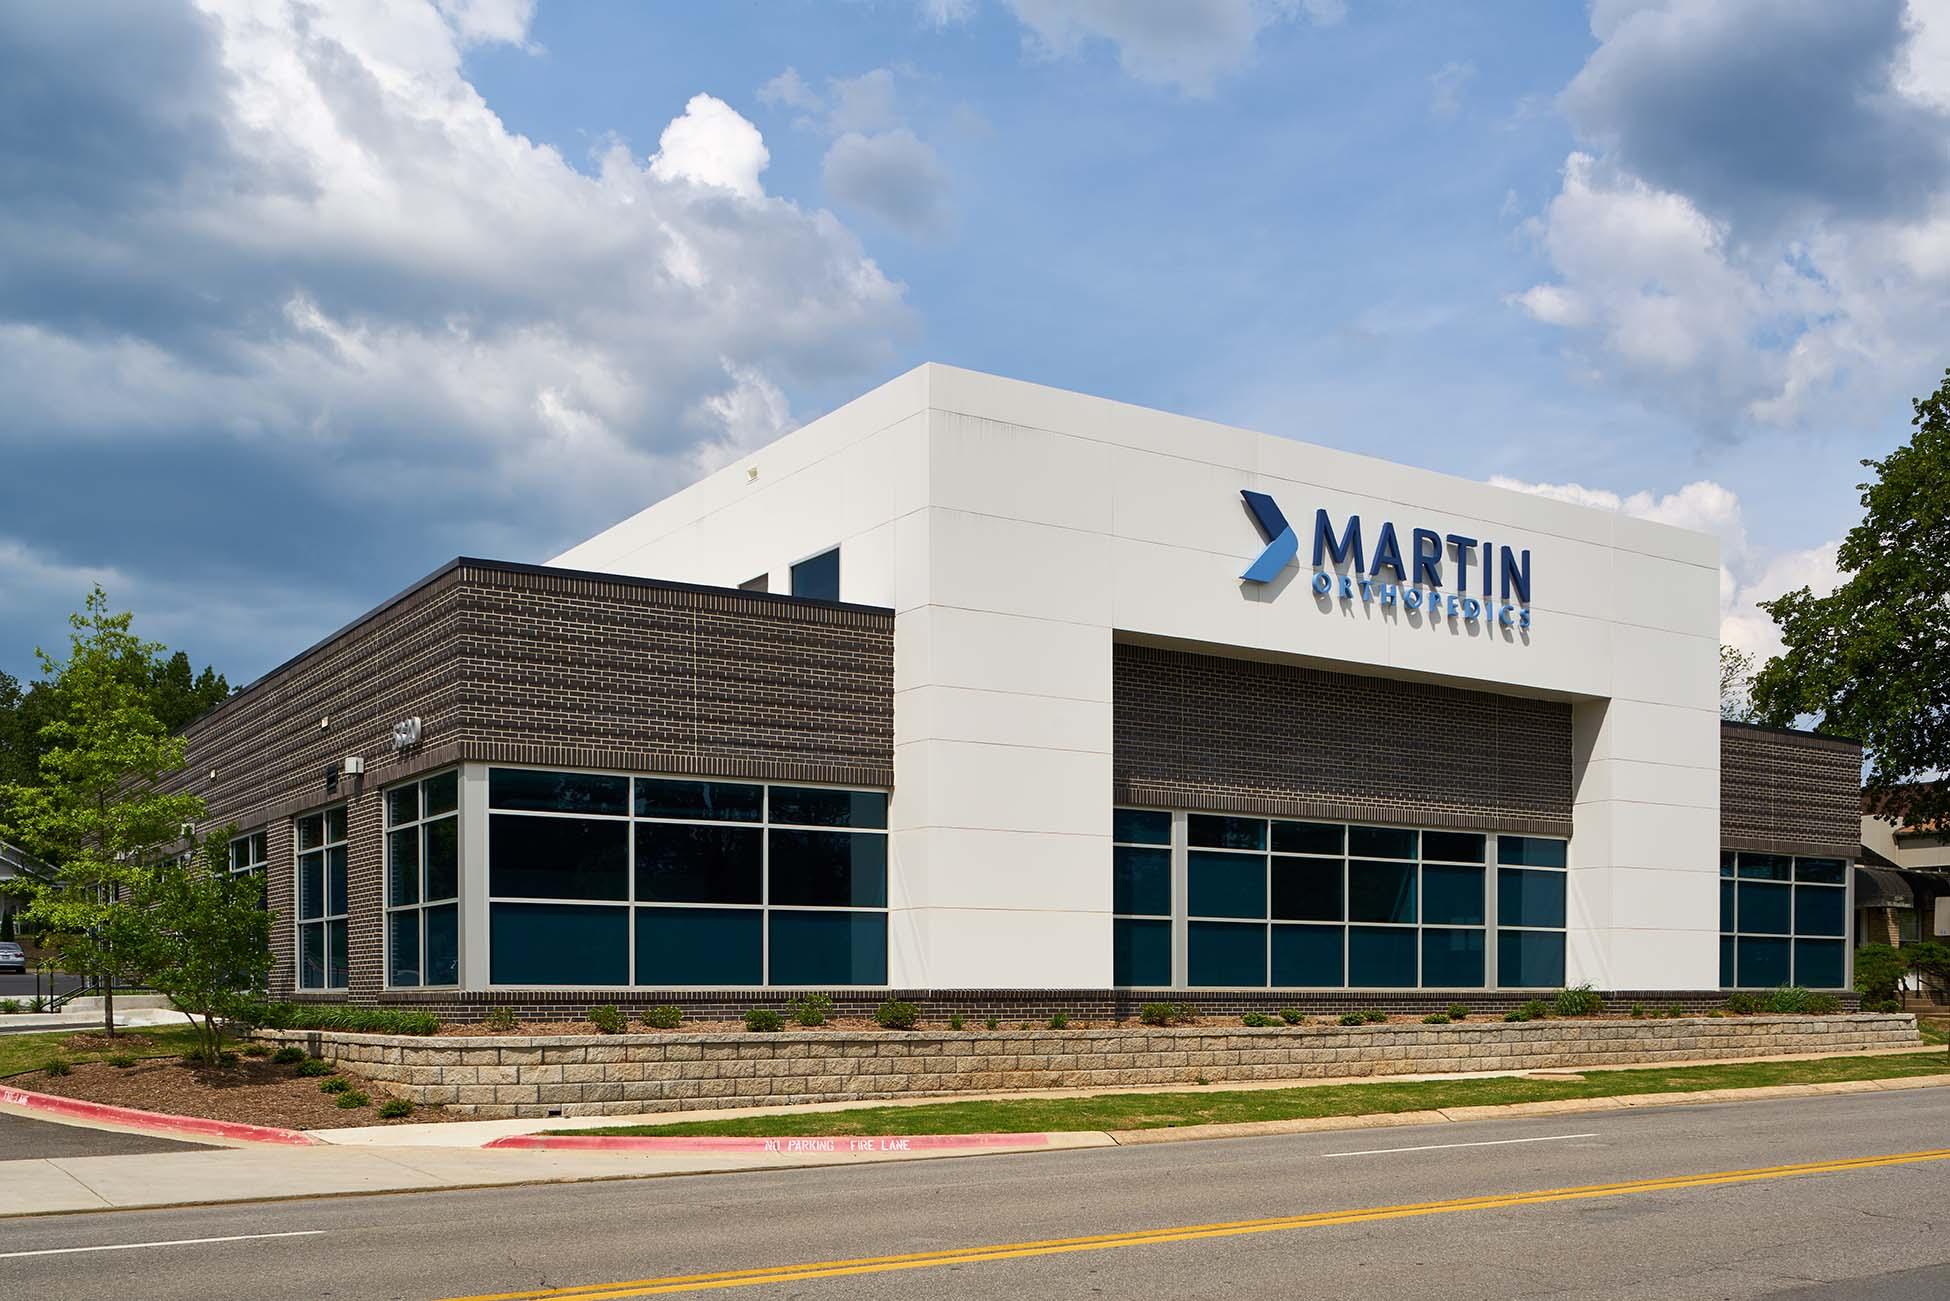 Martin Orthopedics